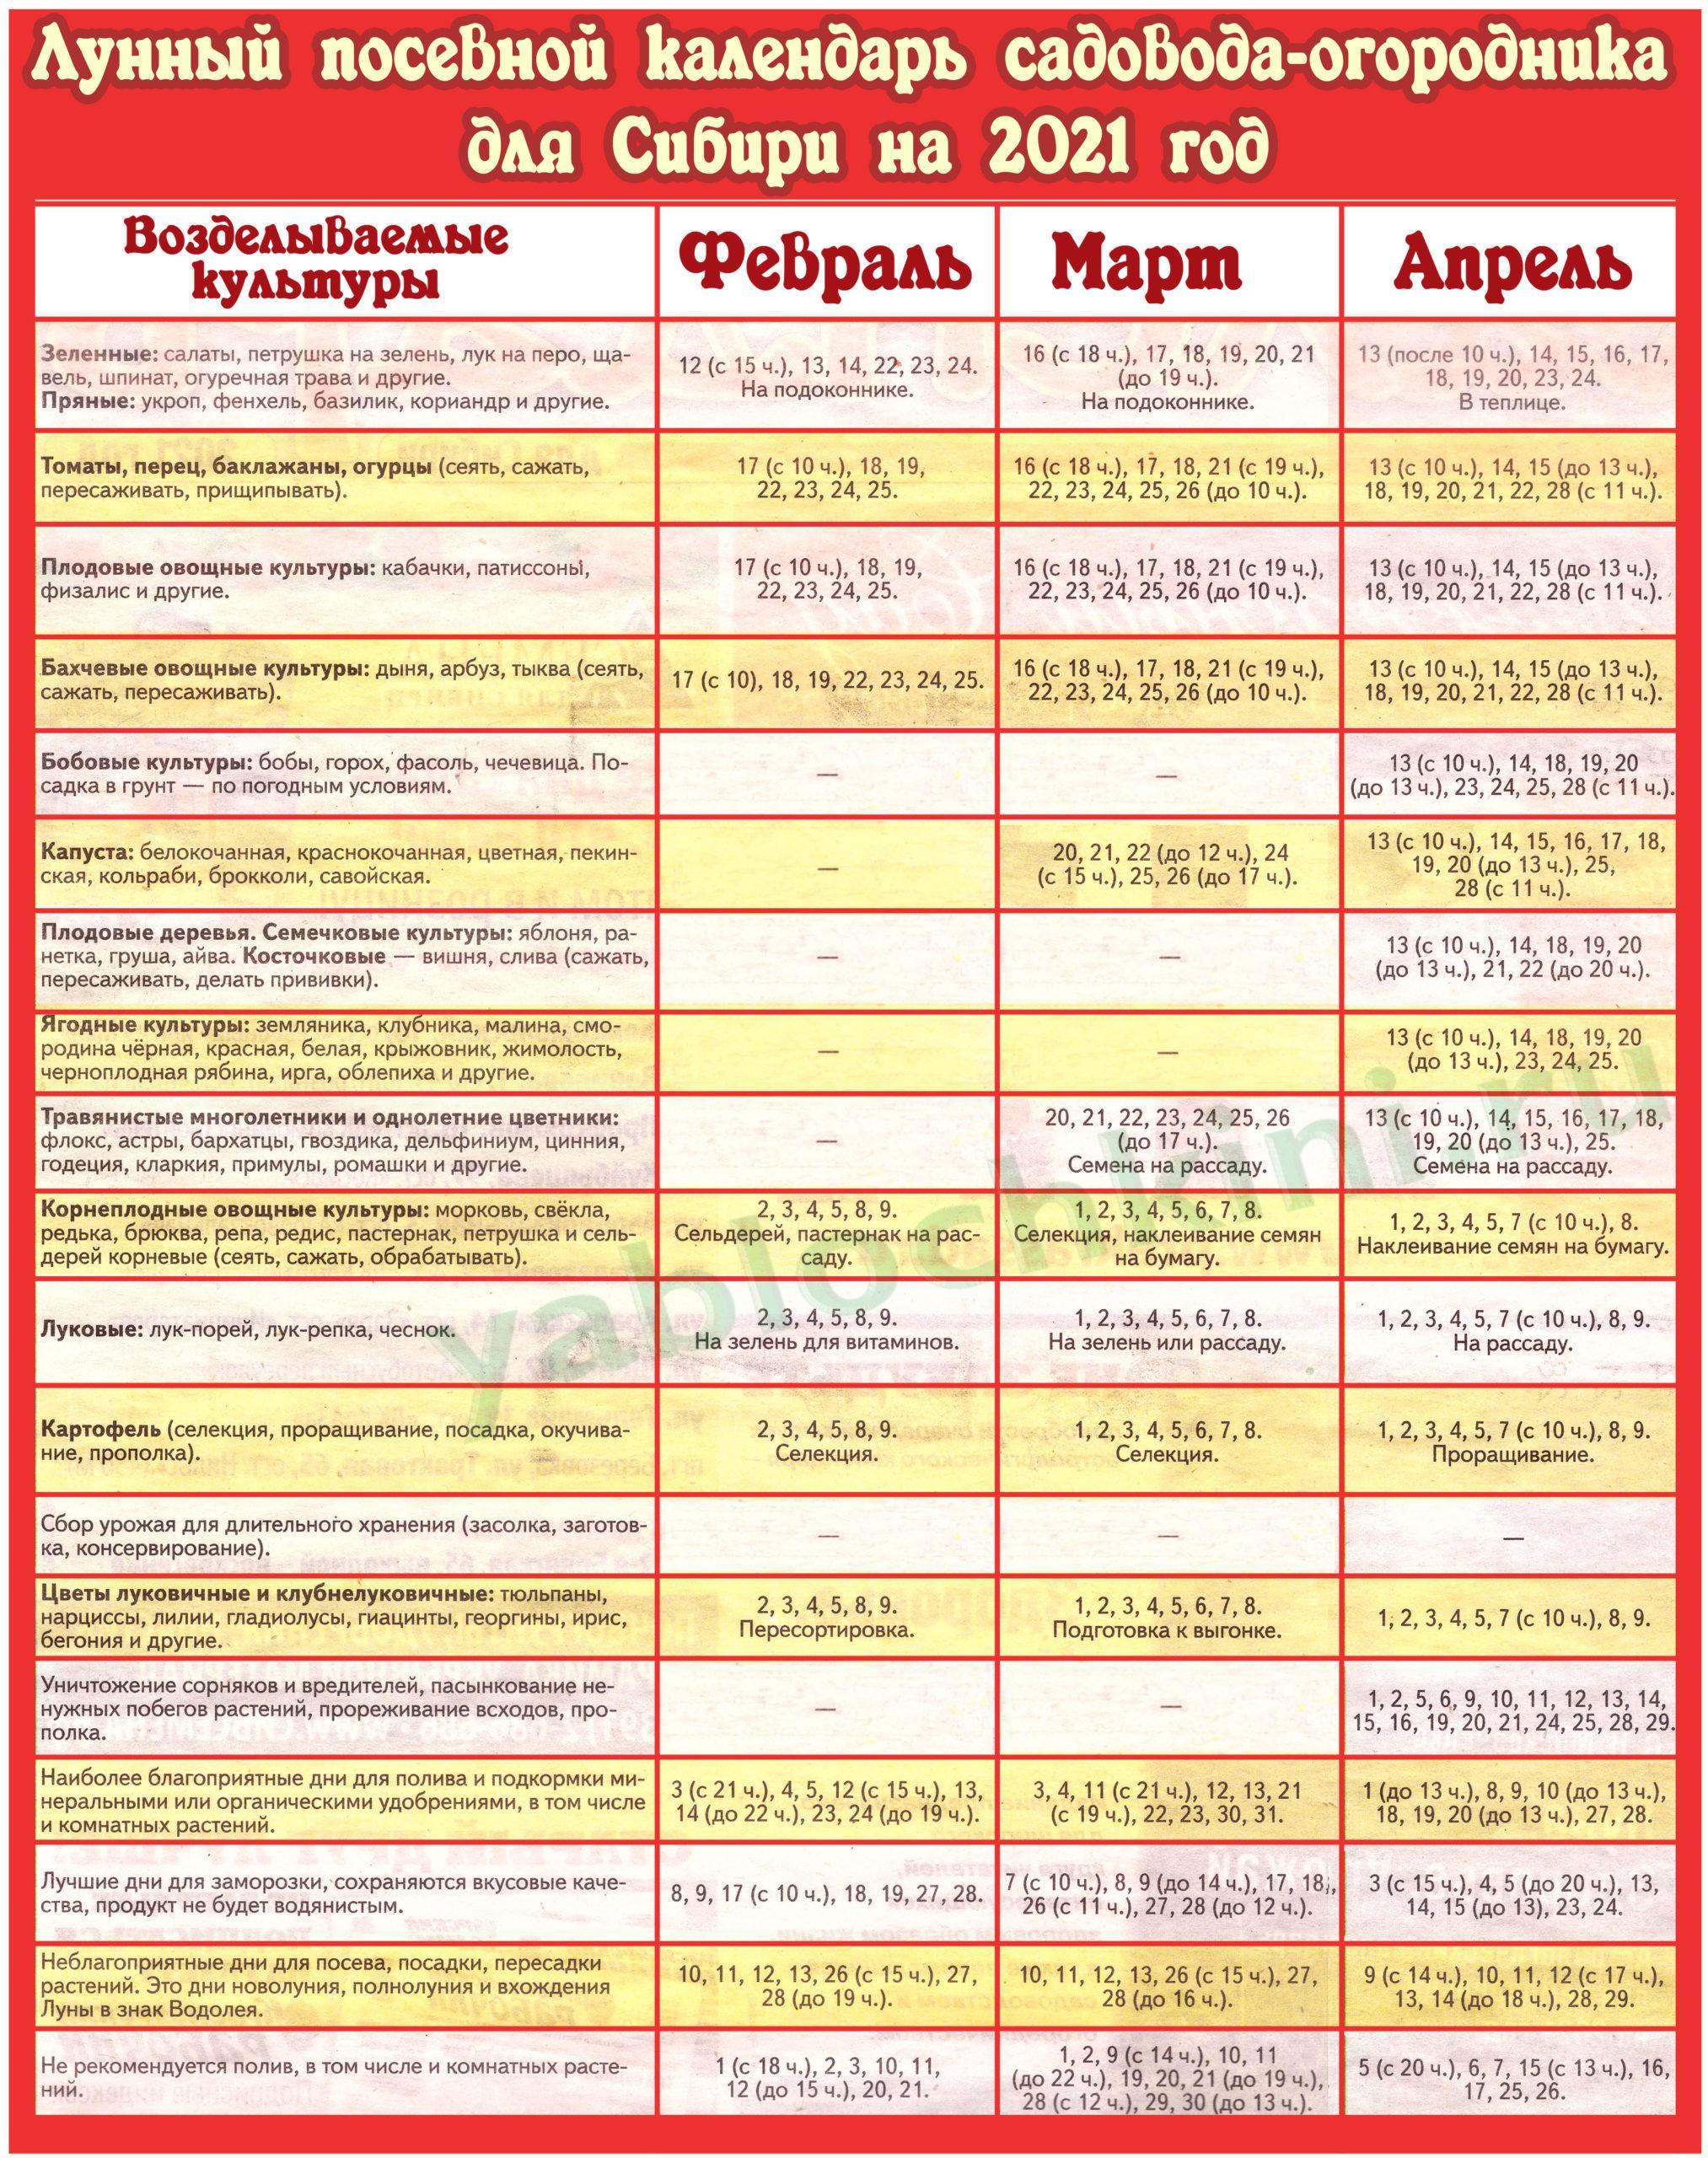 Лунный календарь для Сибири на 2021 год (февраль-апрель)